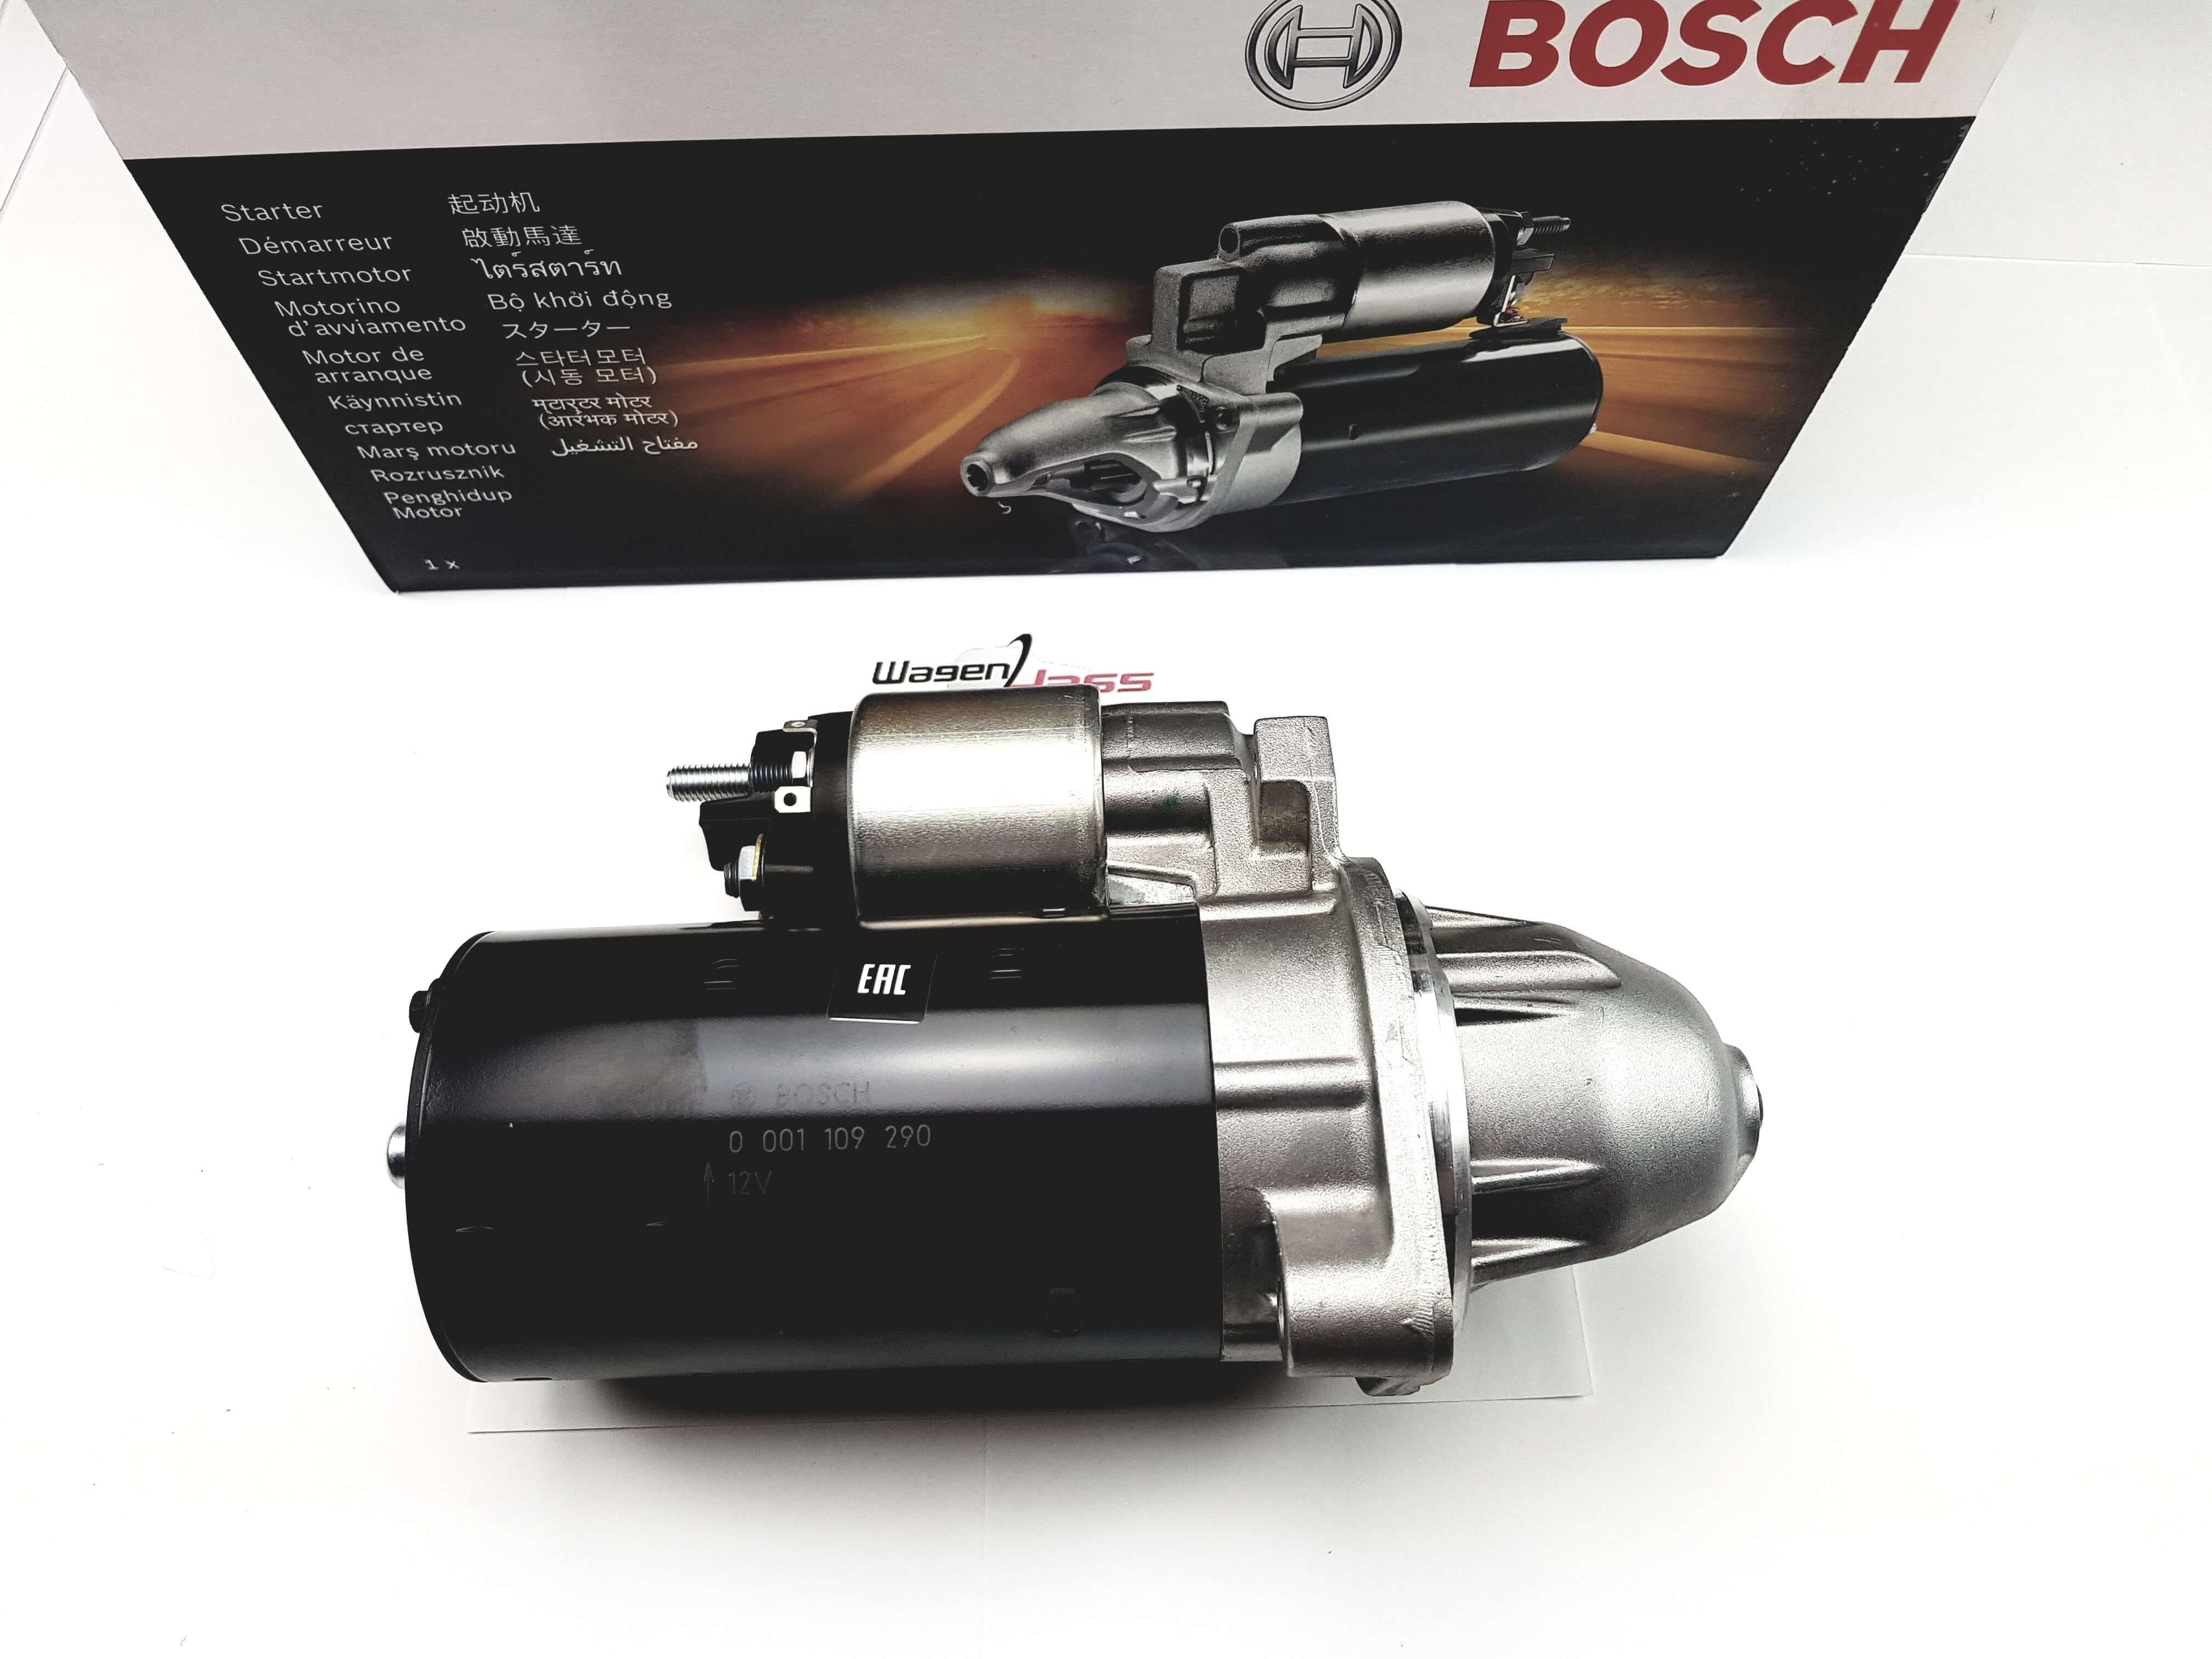 1988-1993 Démarreur remplace Bosch 0001109290 pour Mercedes 190//190D 201.128